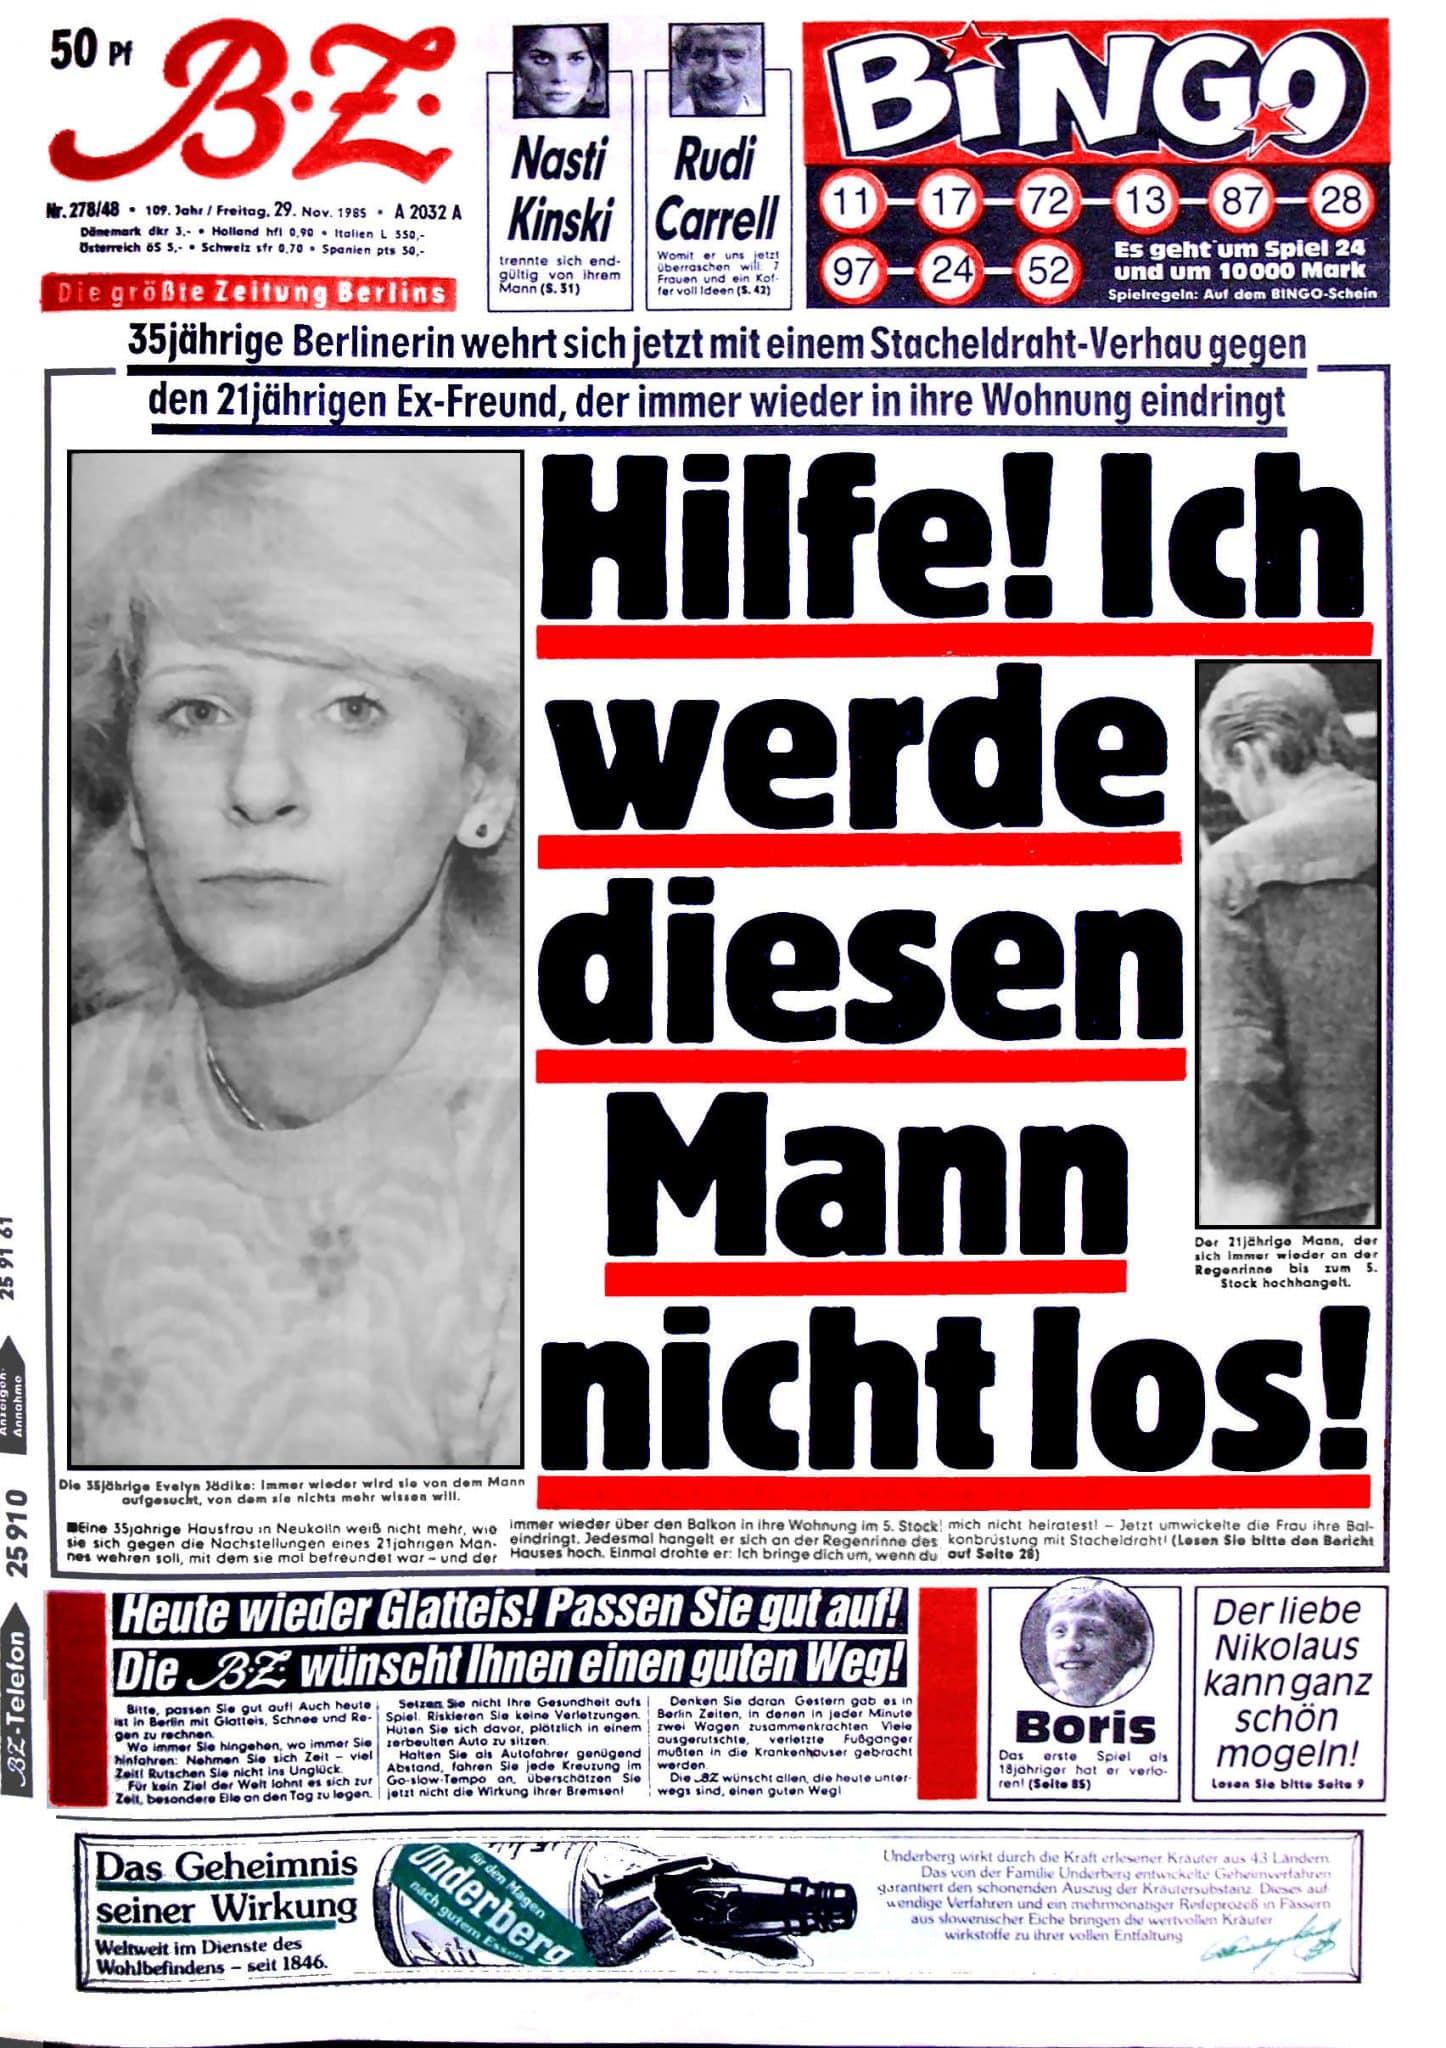 Original BZ-Zeitungsartikel vom 29.11.1985